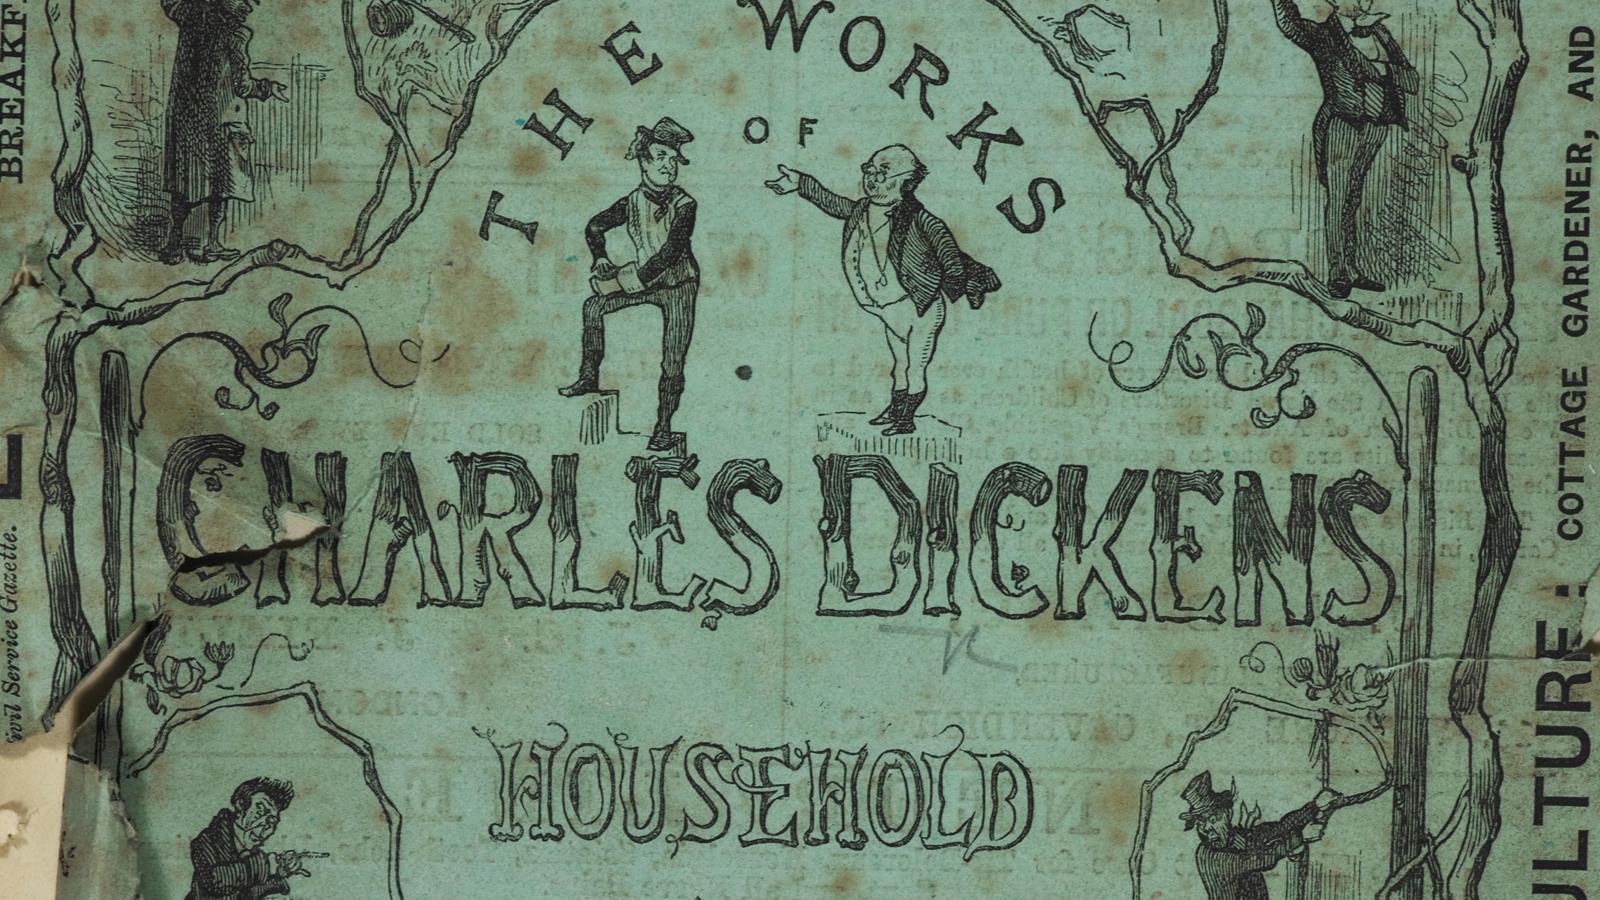 Victorian readers